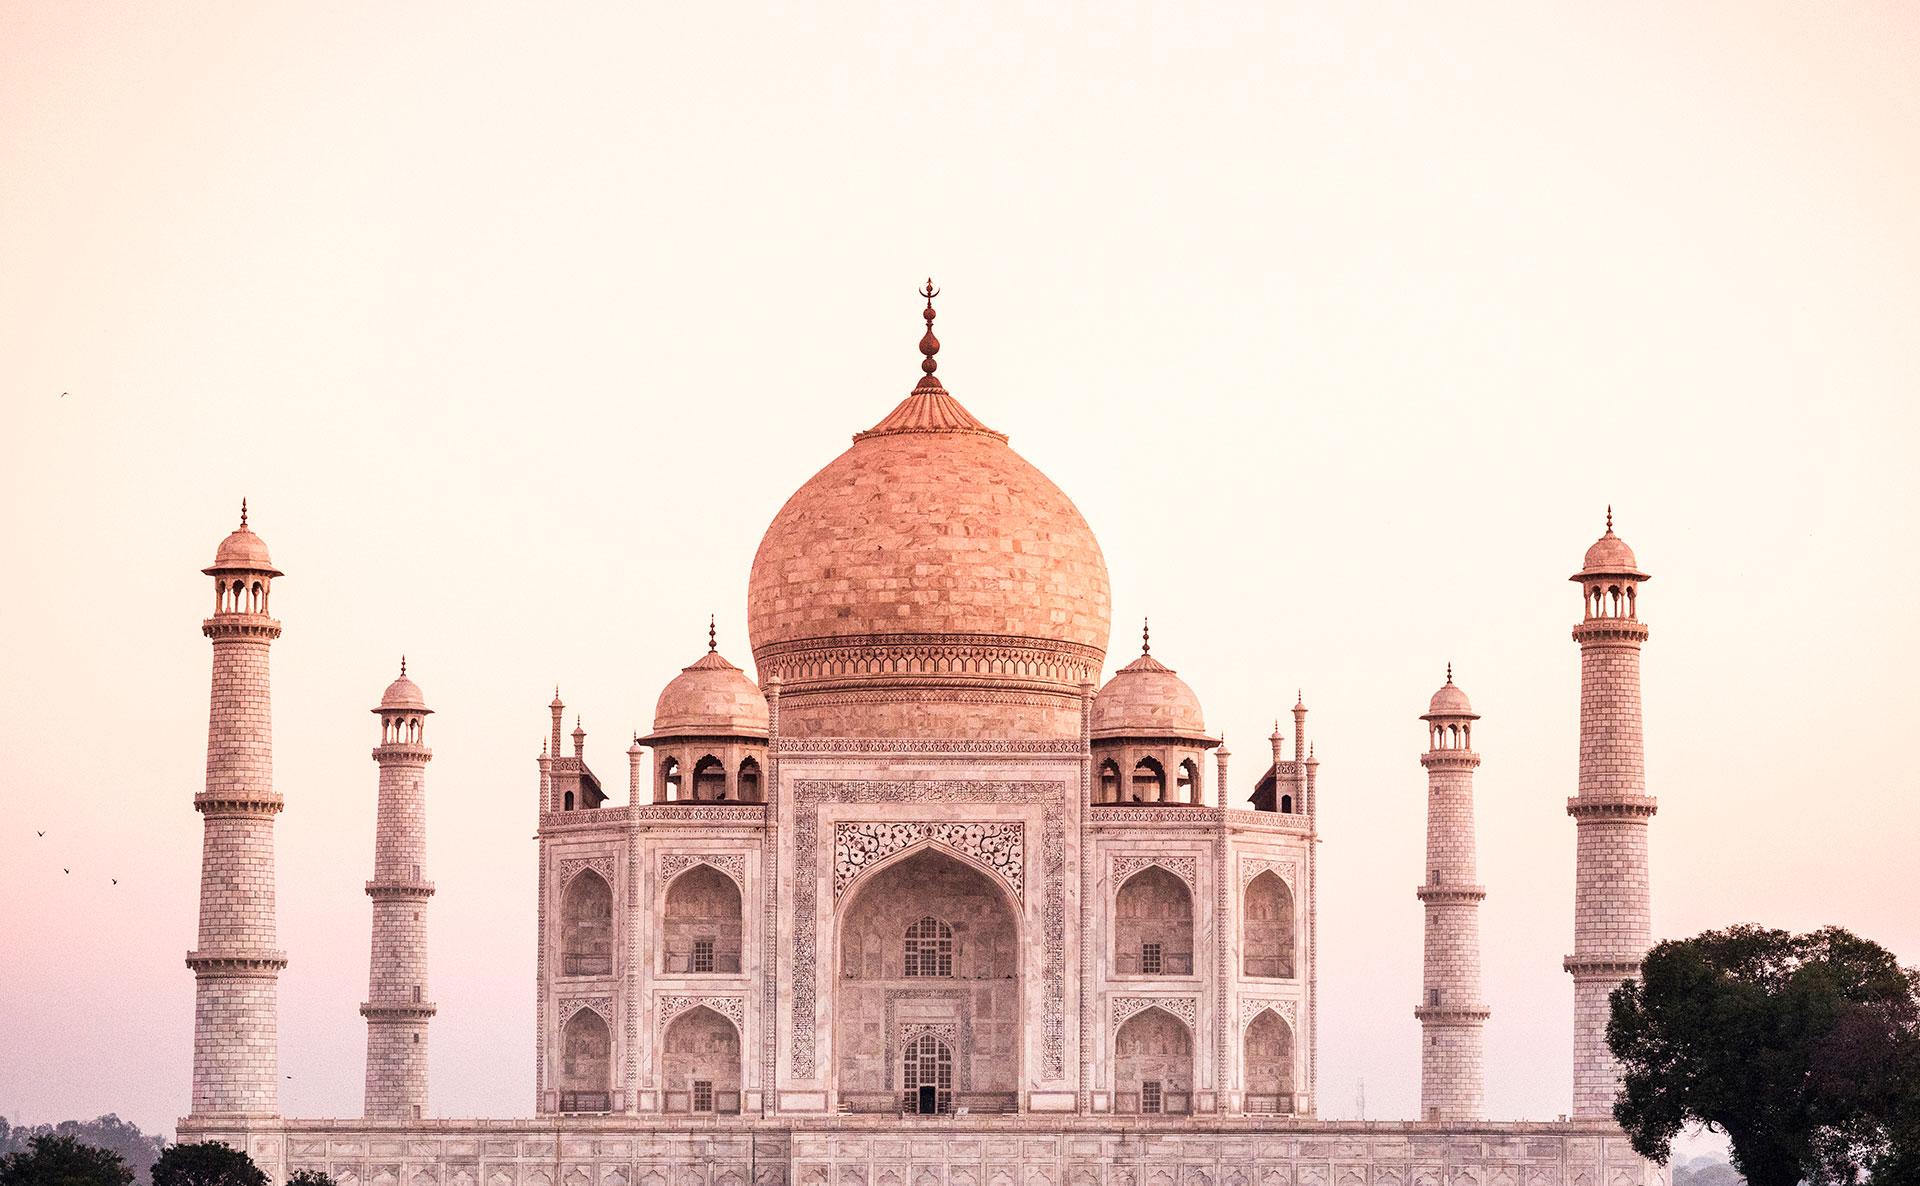 """El Taj Mahal fue construido por el emperador Shah Jahan entre 1631 y 1648. La UNESCO lo llama """"el mayor logro arquitectónico en toda la gama de la arquitectura indo-islámica"""" (Shutterstock)"""